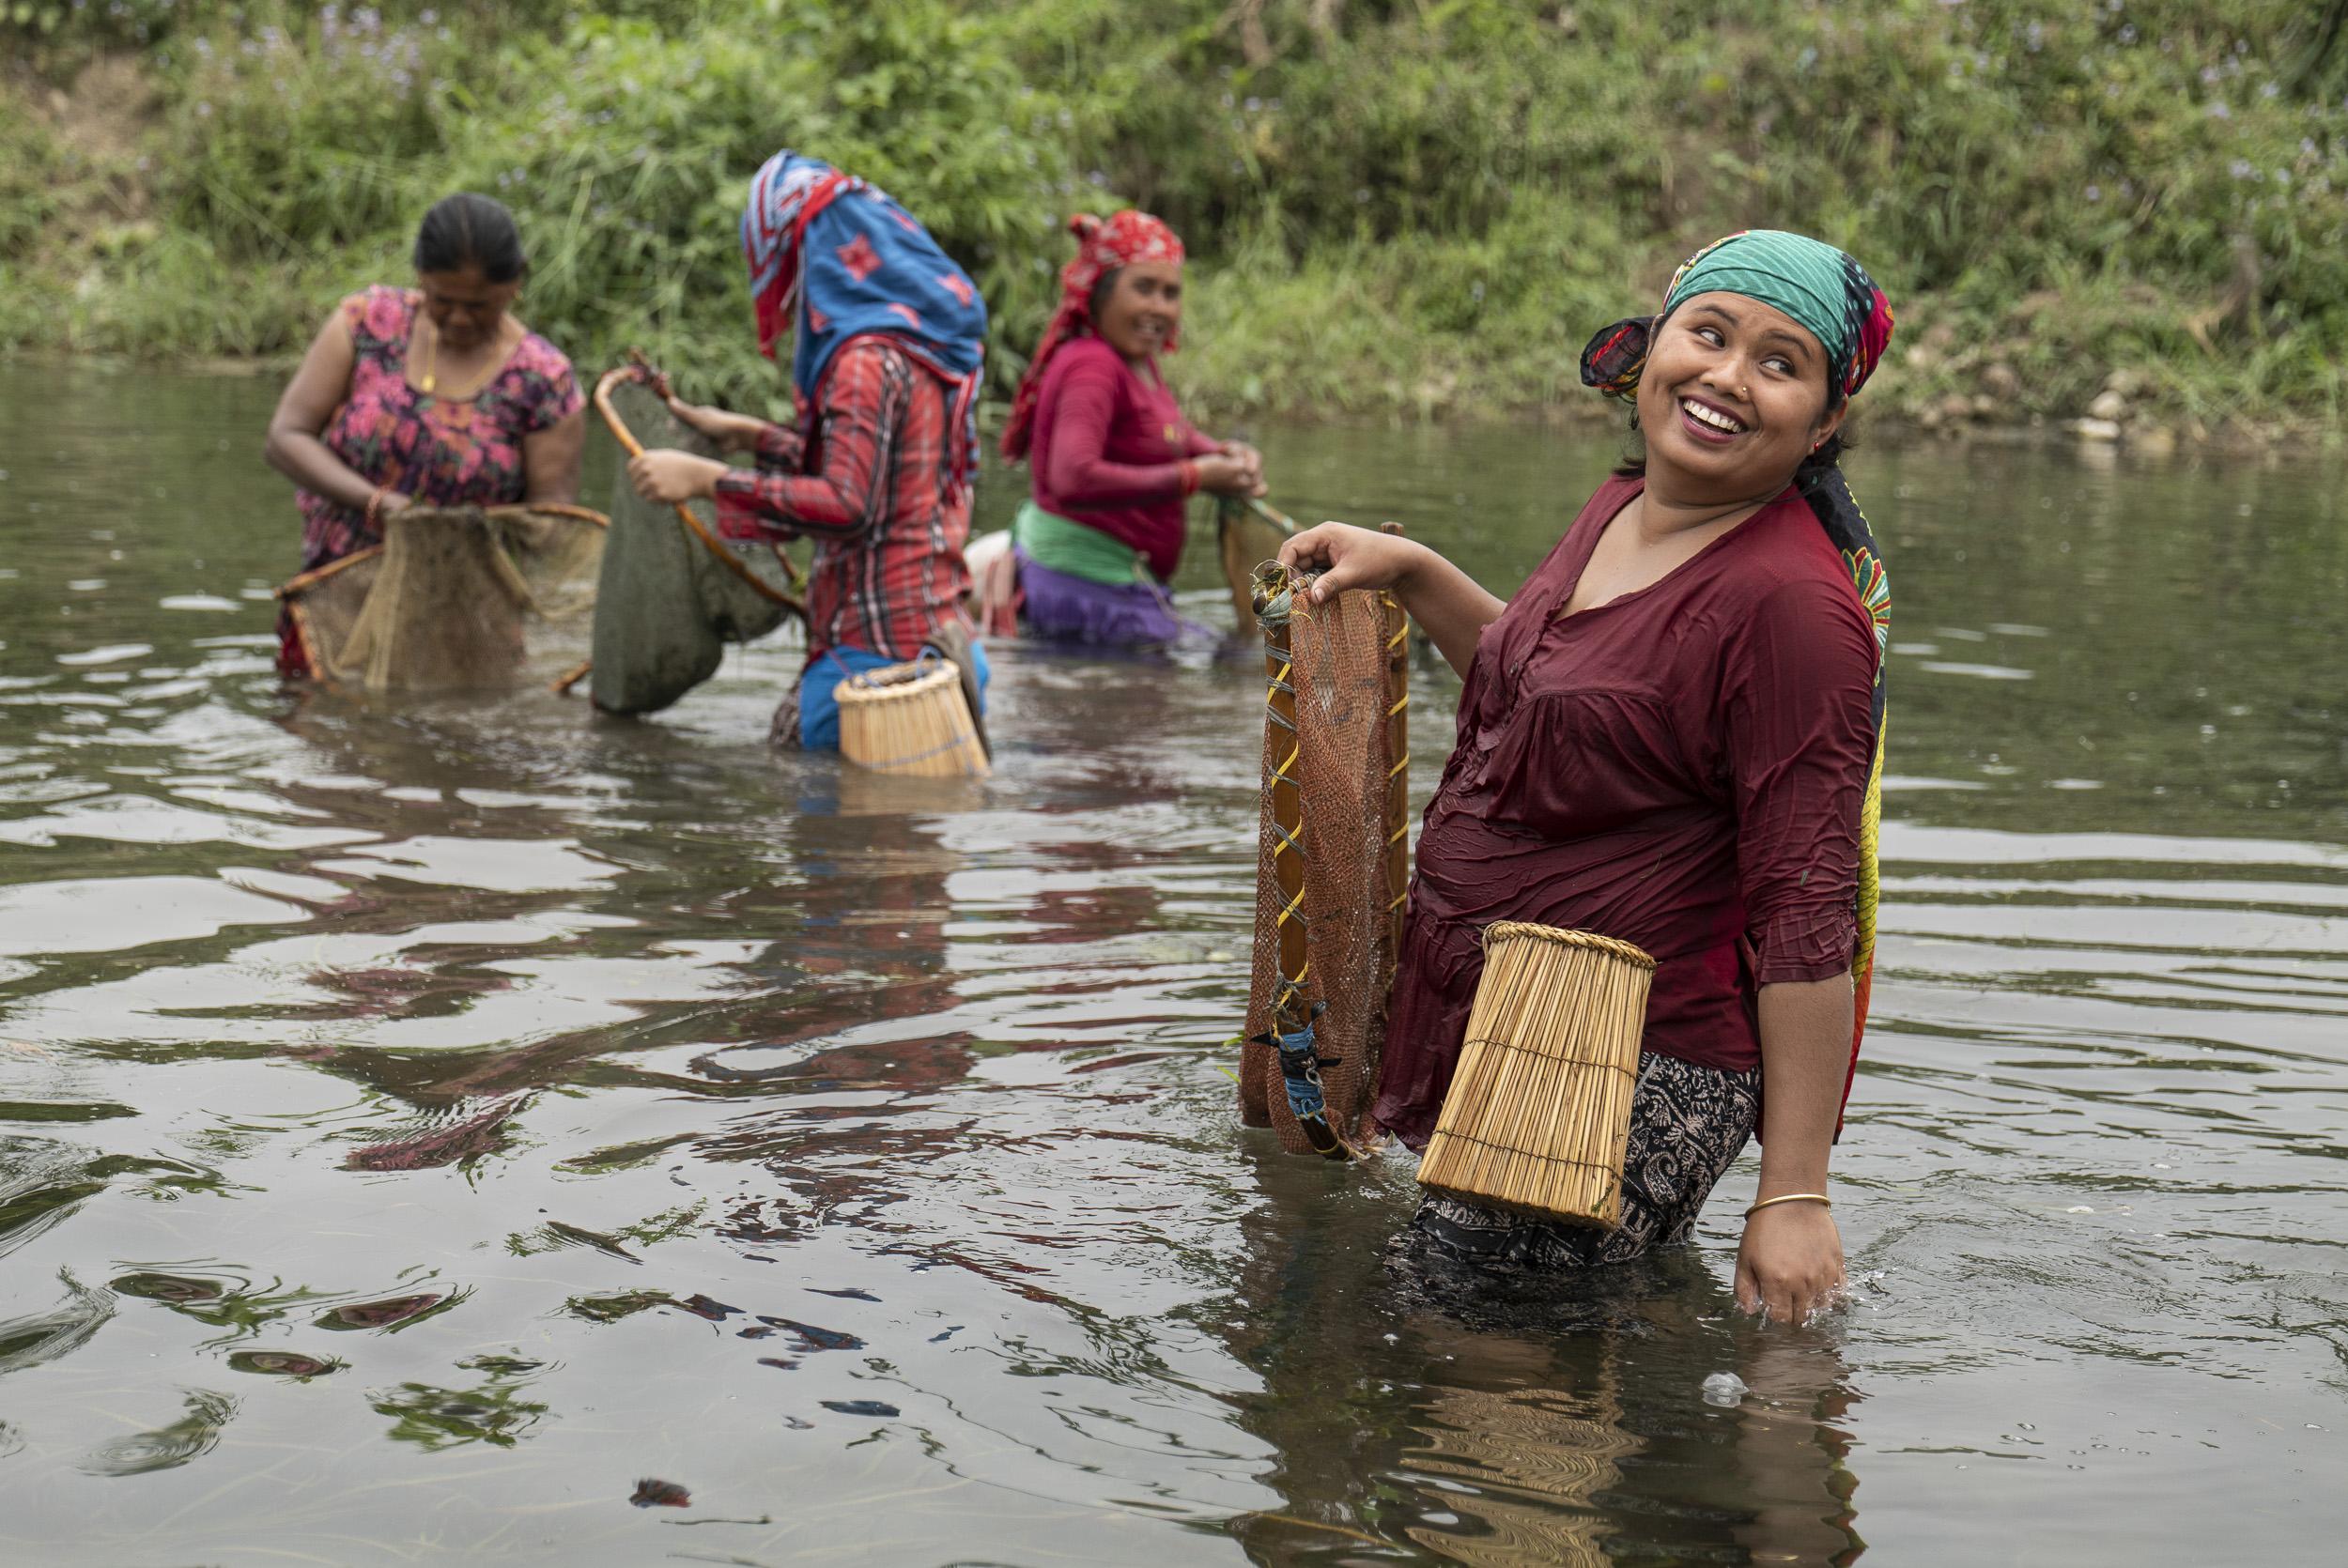 Letzte Destination unserer Reise war Chitwan im Süden Nepals, wo uns die Hitze mit über +30°C den Schweiss aus den Poren trieb. Die S1R hat die eisige Kälte in Ladakh genauso wie die Hitze in Chitwan klaglos weggesteckt und immer problemlos funktioniert. Das Bild zeigt Bäuerinnen, die im Fluss nach Schnecken suchen. Panasonic S1R mit Leica Vario Elmarit SL 2.8-4.0 24-90 ASPH auf 67 mm // 1/640 sec // f 4.5 // 320 ISO // Ausschnitt mit ca. 35 Mpx